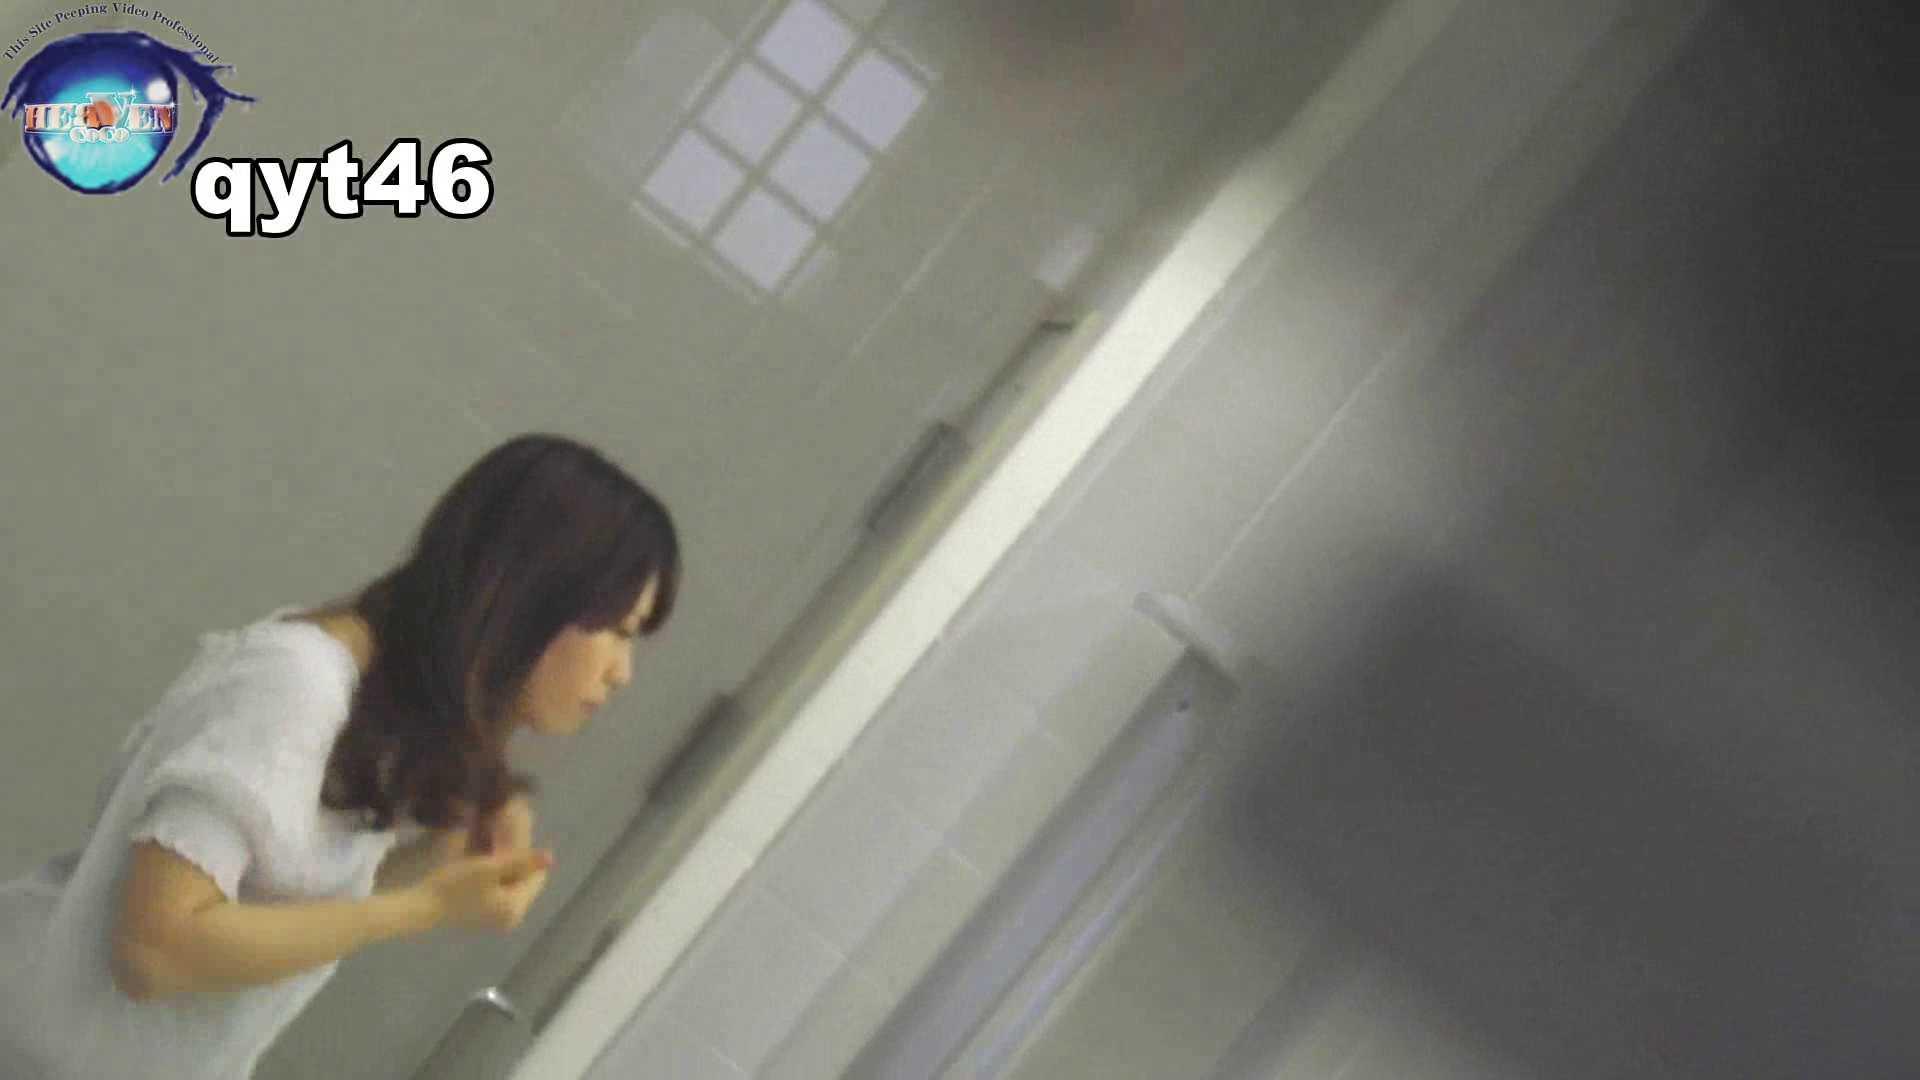 【お銀さんの「洗面所突入レポート!!」】お銀さんの「洗面所突入レポート!!」 vol.46 スッキリさん 洗面所 | 0  9枚 5